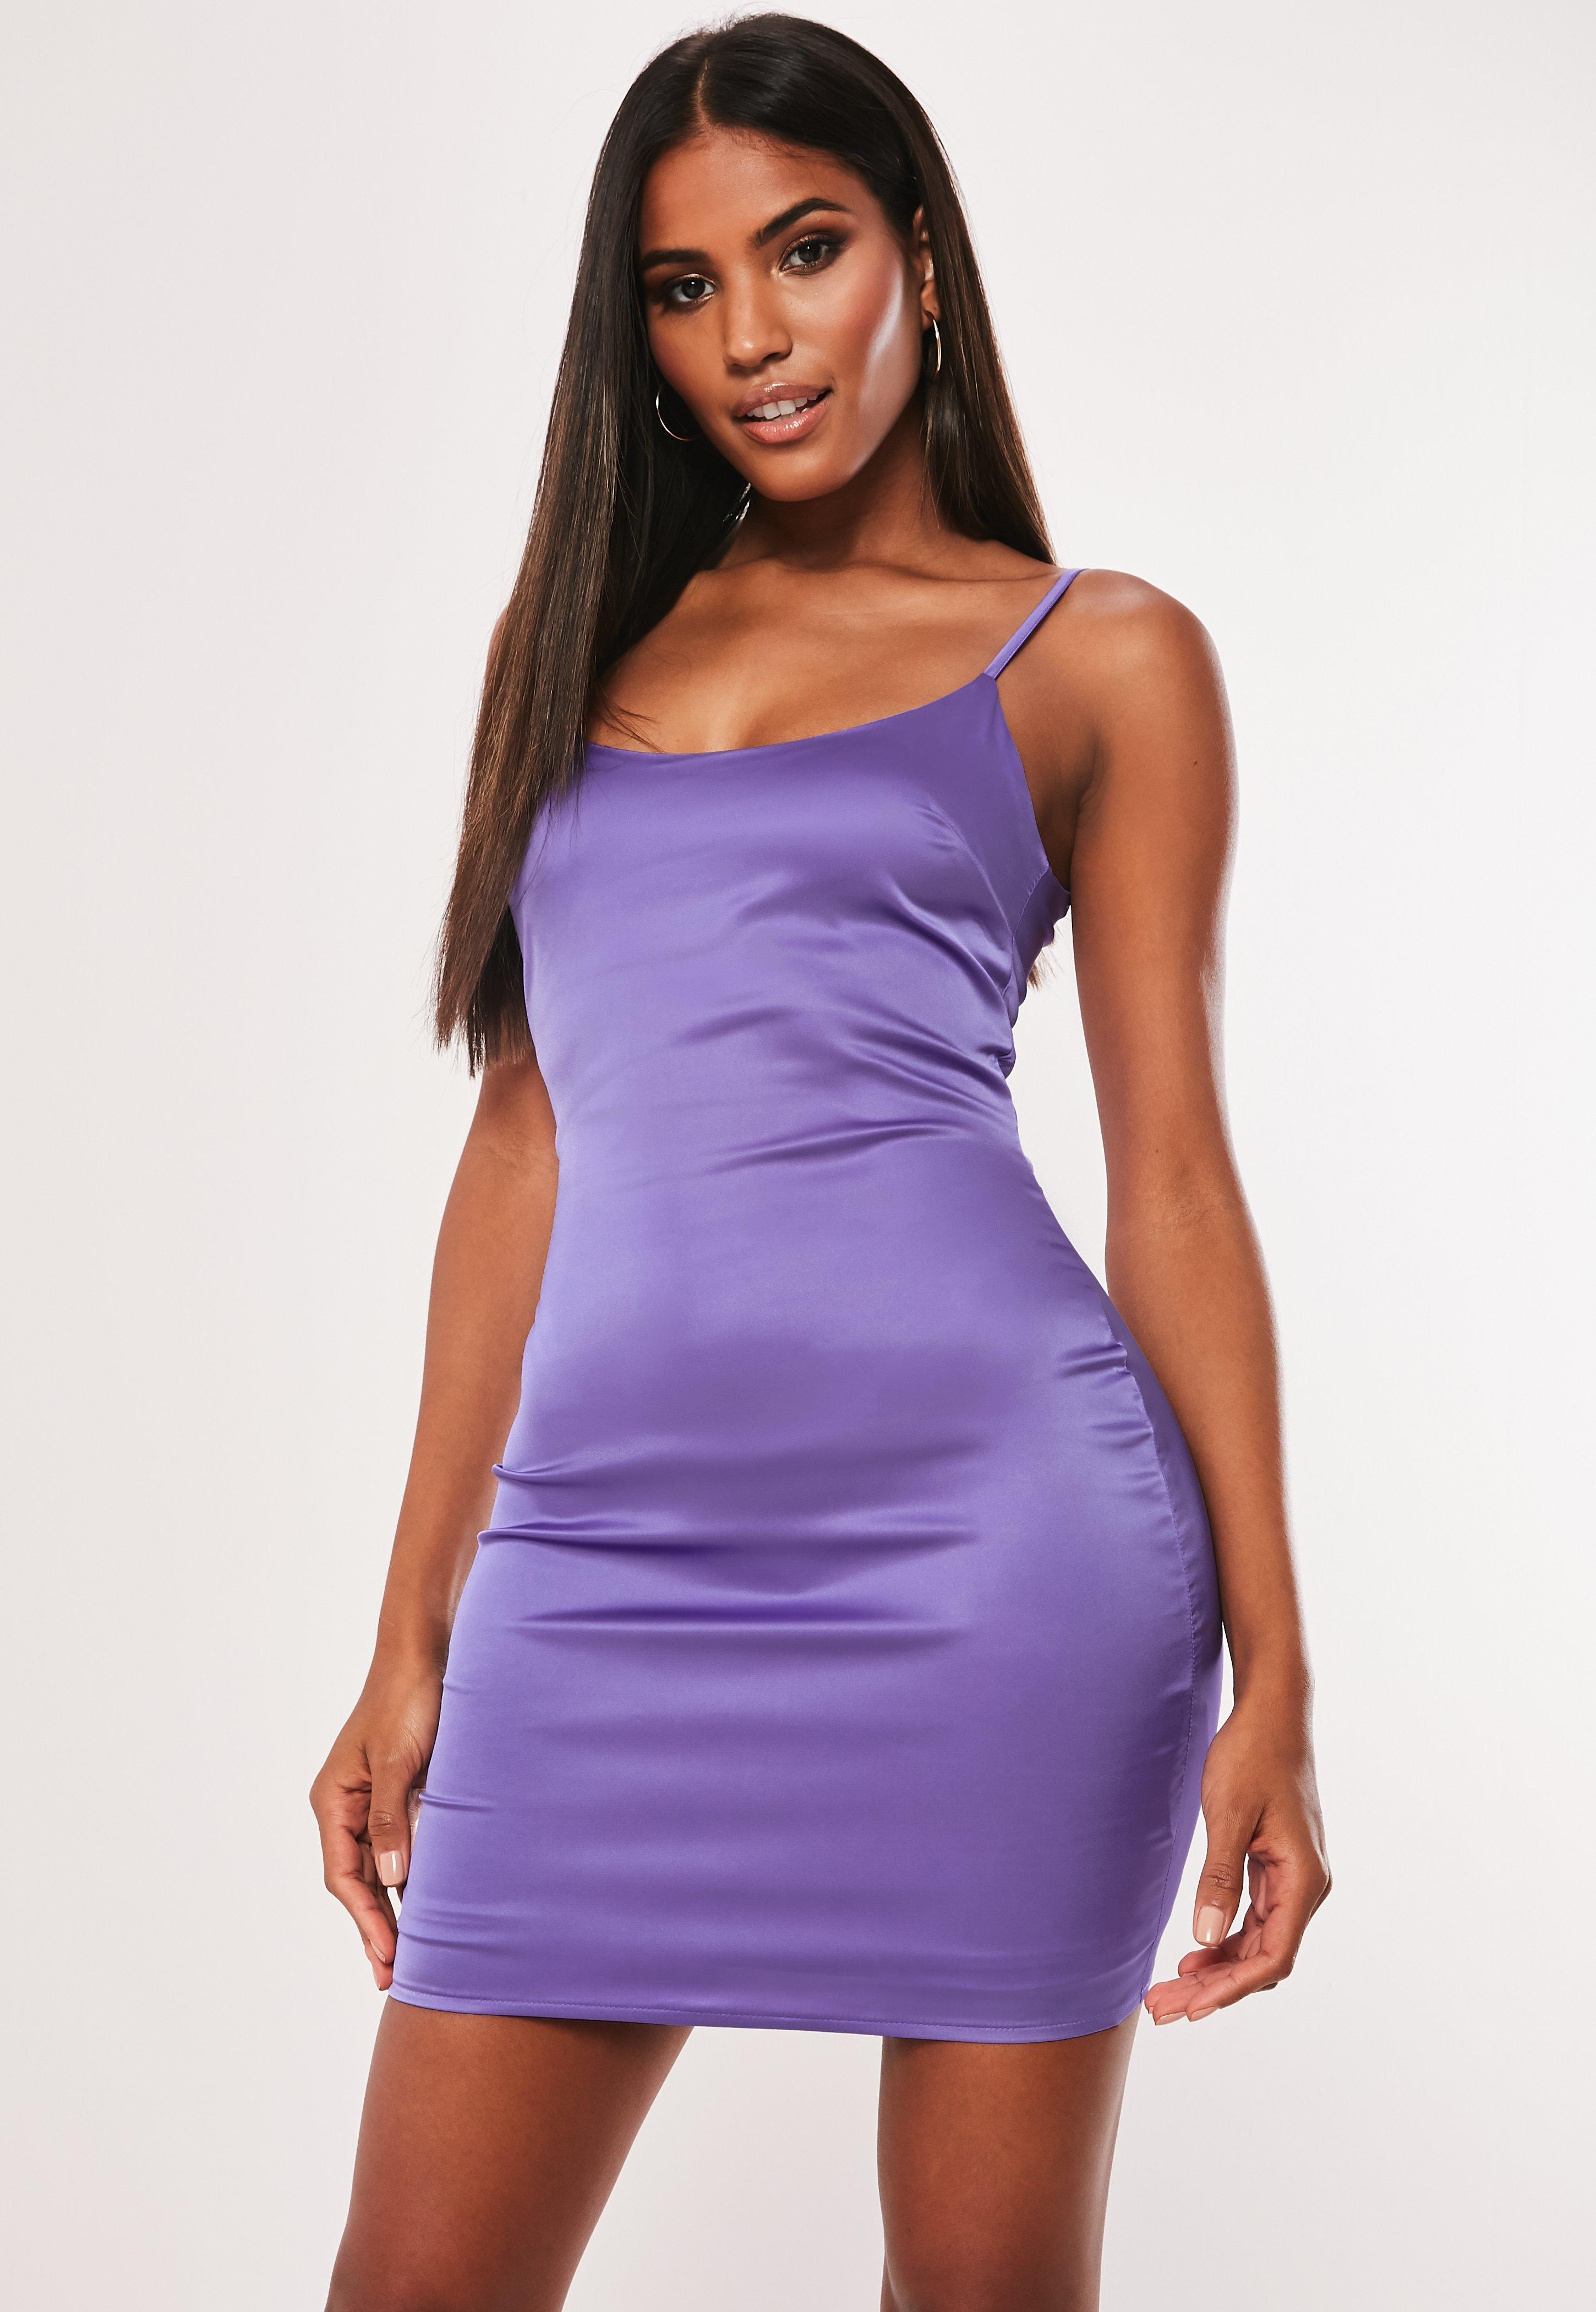 96953576 Fioletowa sukienka mini na ramiączkach